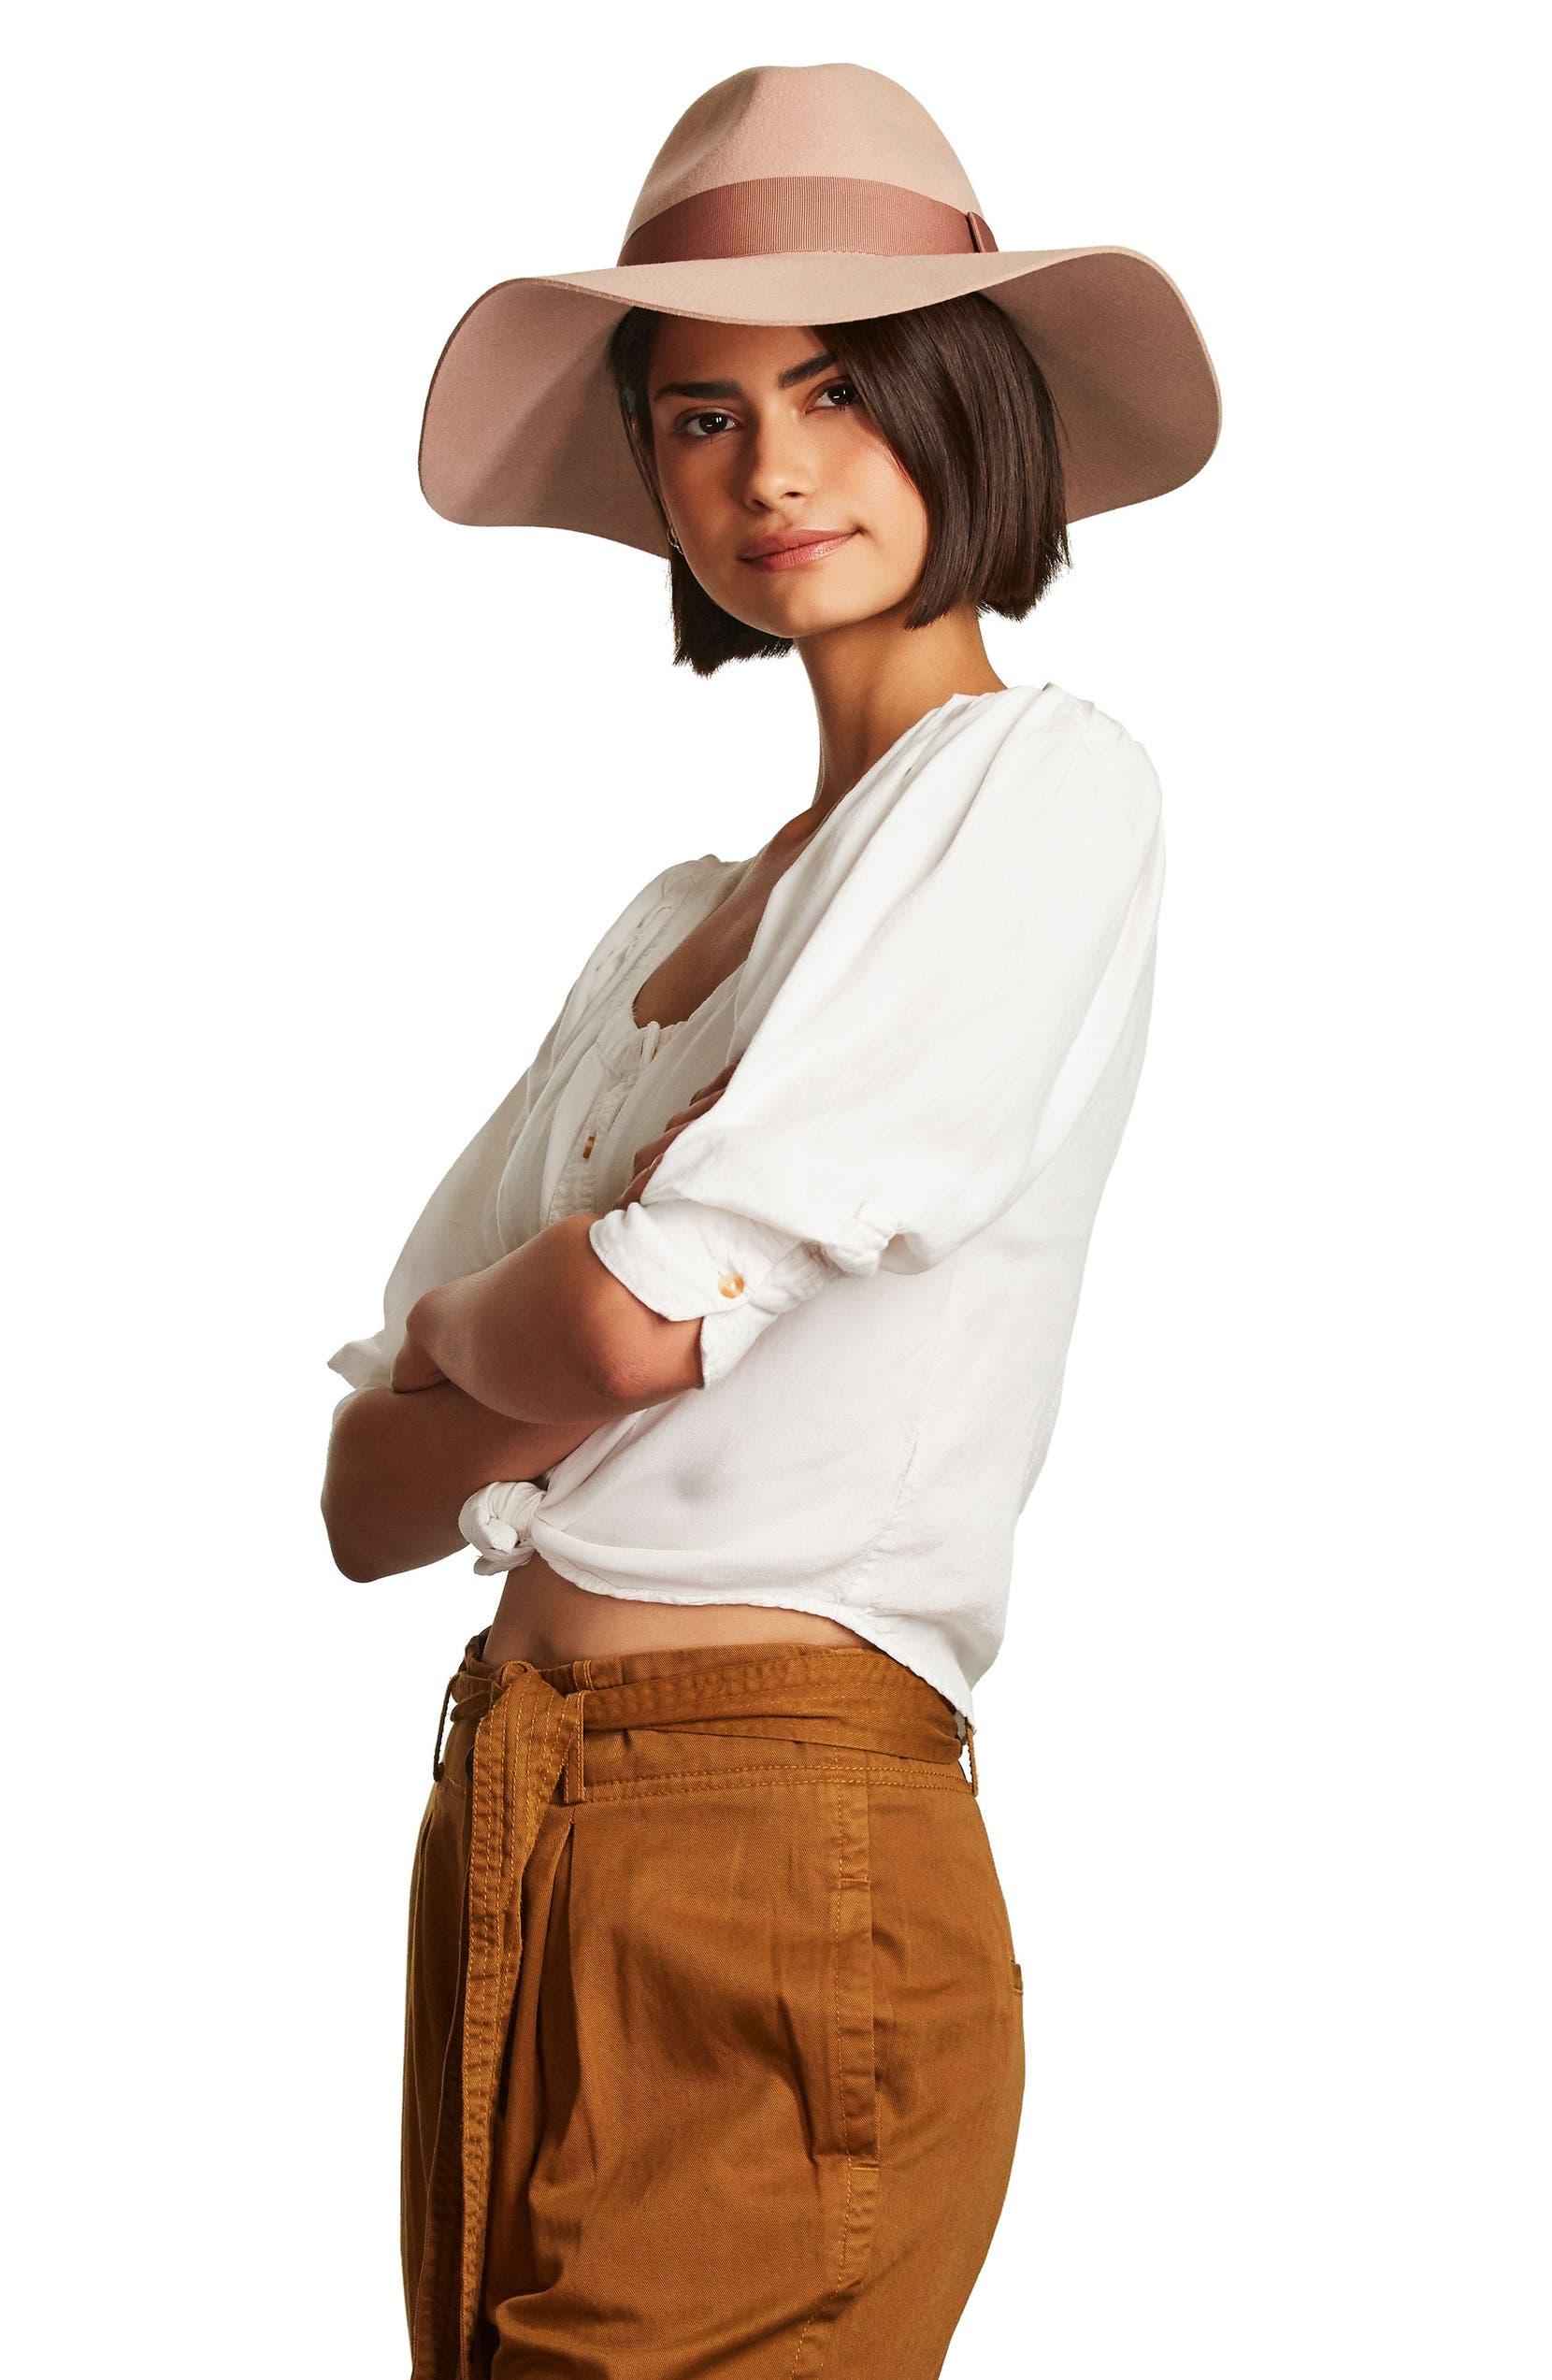 cd45559cf9 'Piper' Floppy Wool Hat